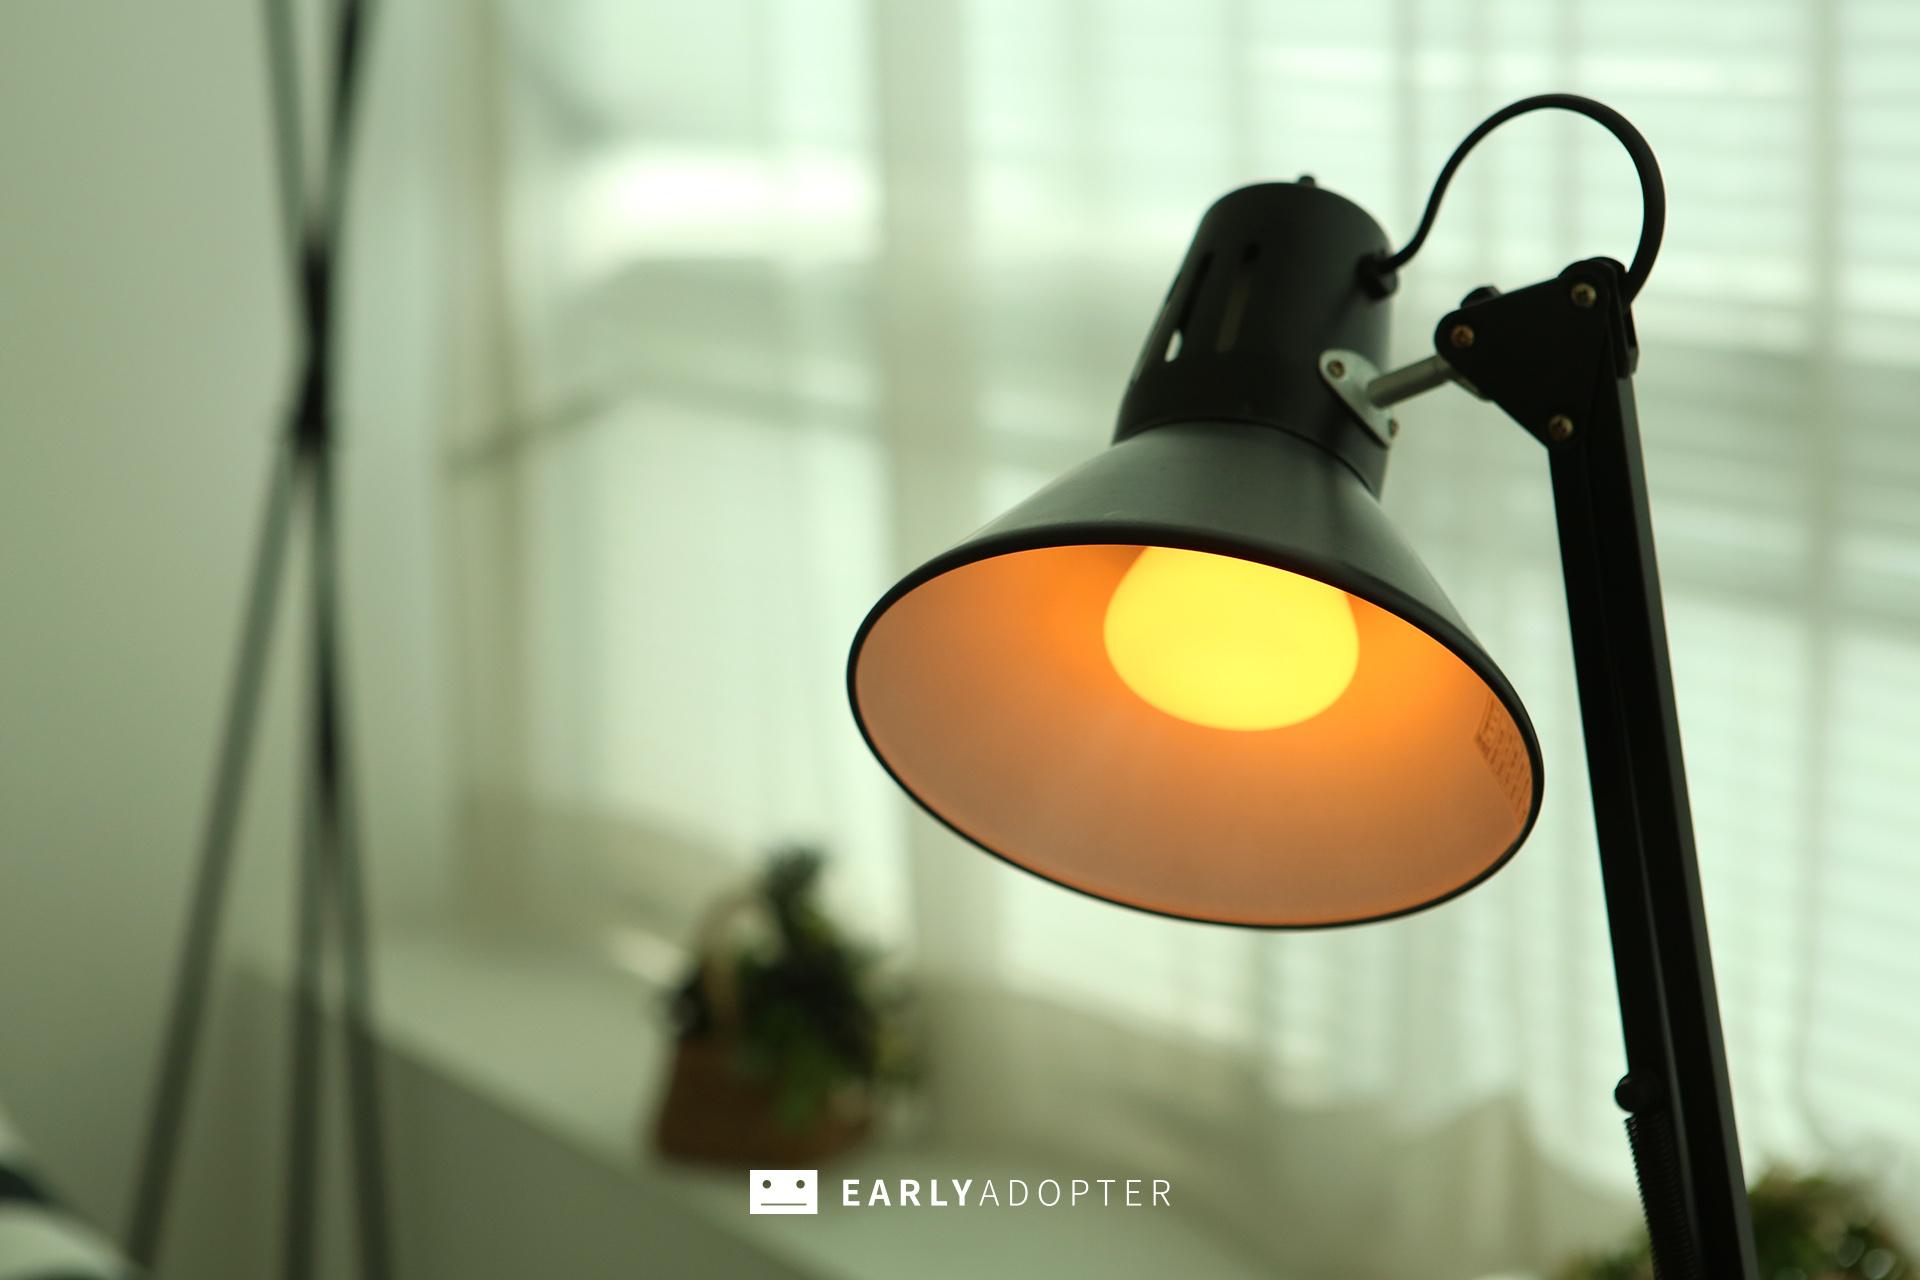 philips hue 2.0 smartlamp smarthome iot (13)